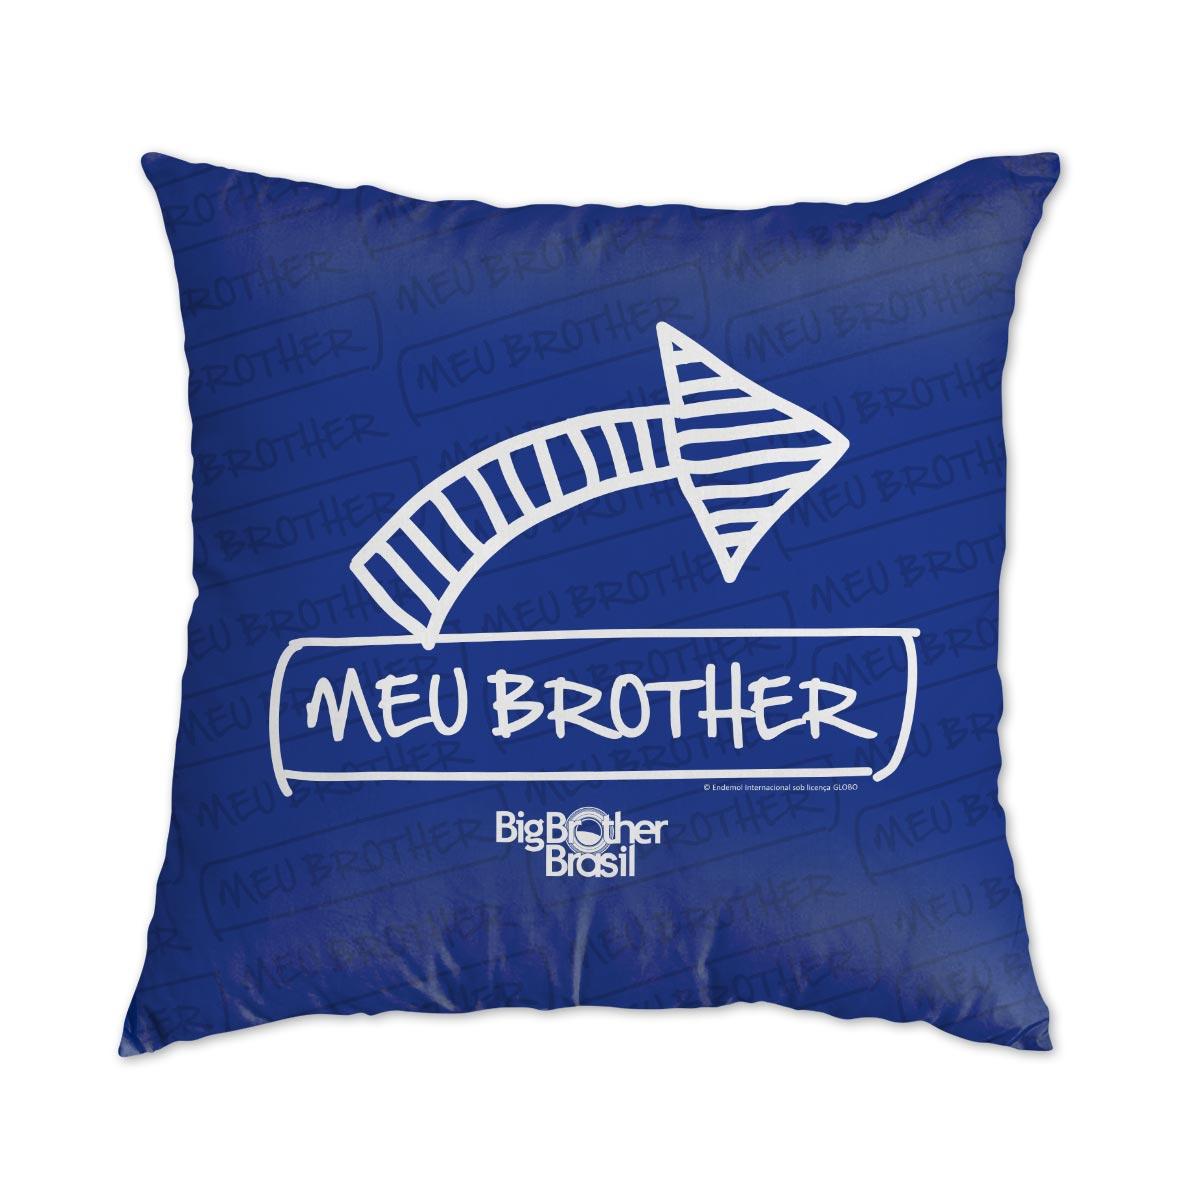 Almofada Big Brother Brasil 15 Meu Brother